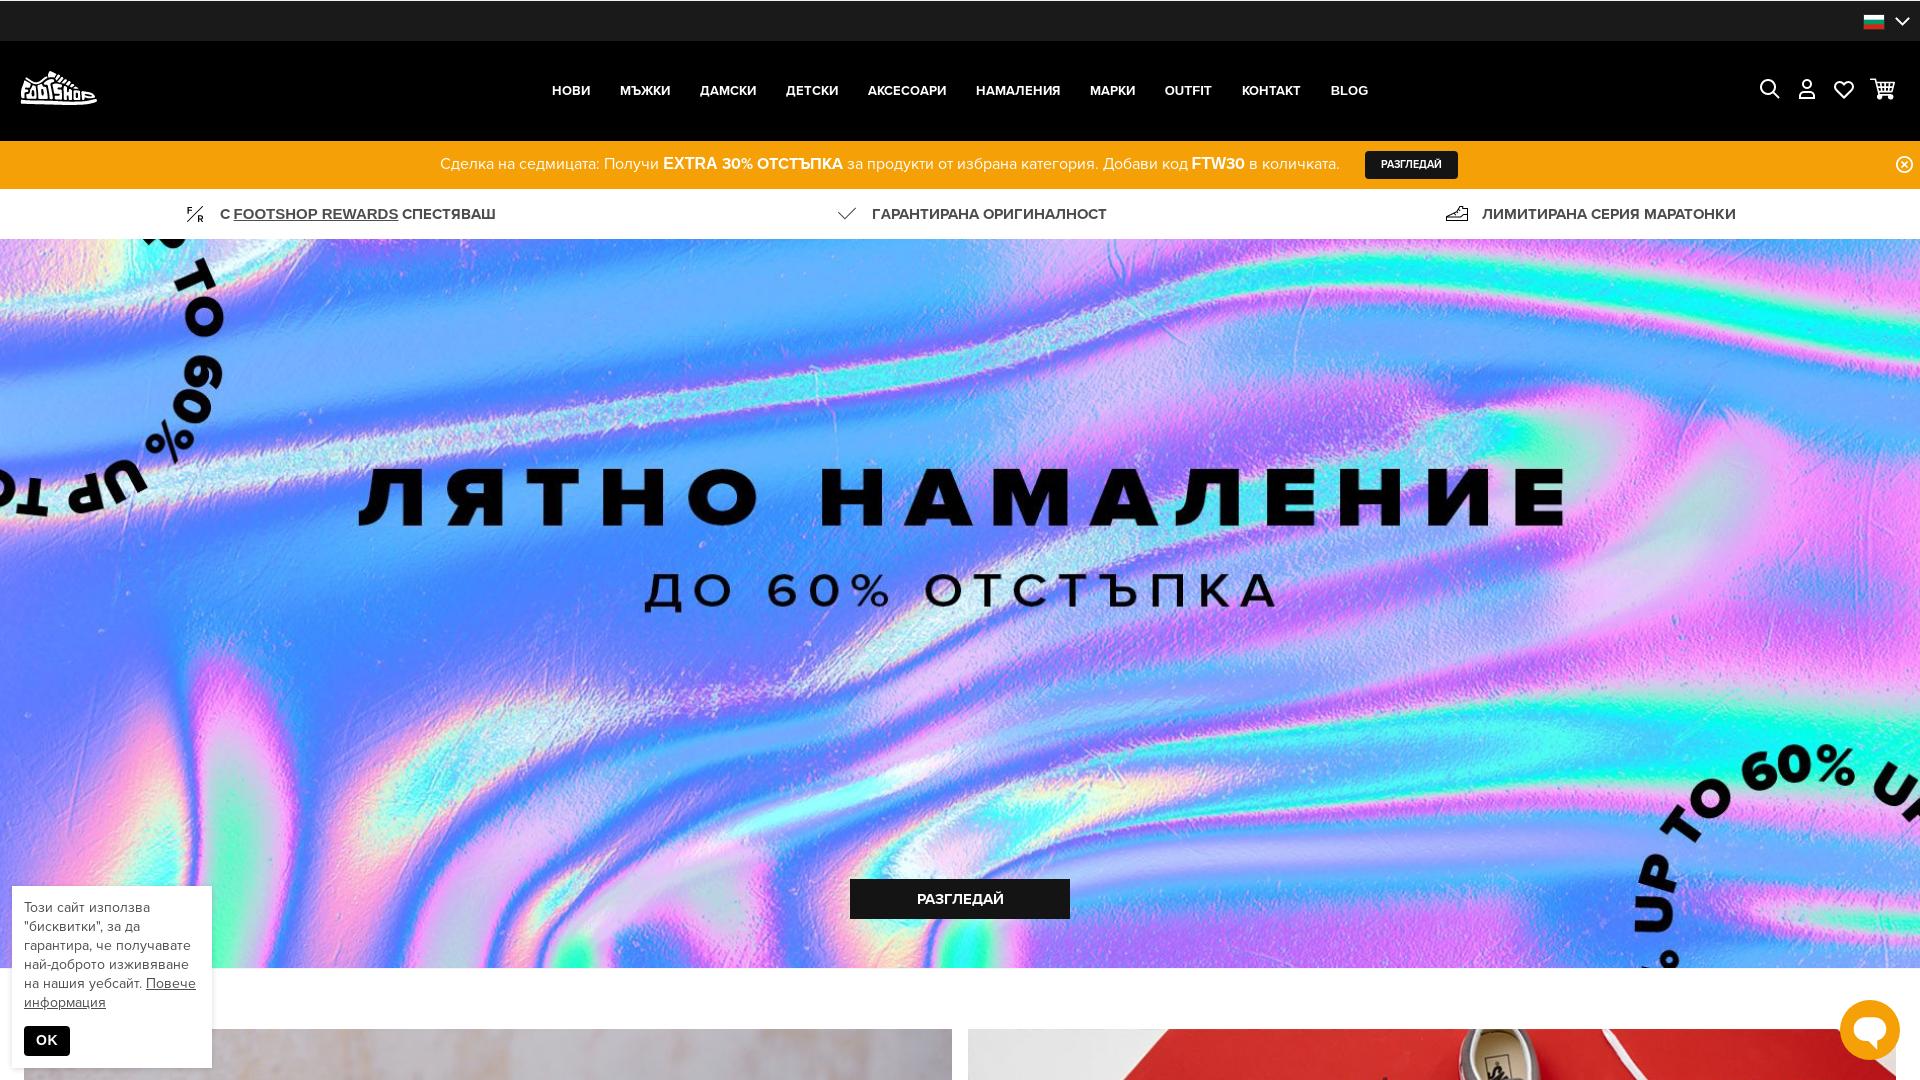 Footshop EU website